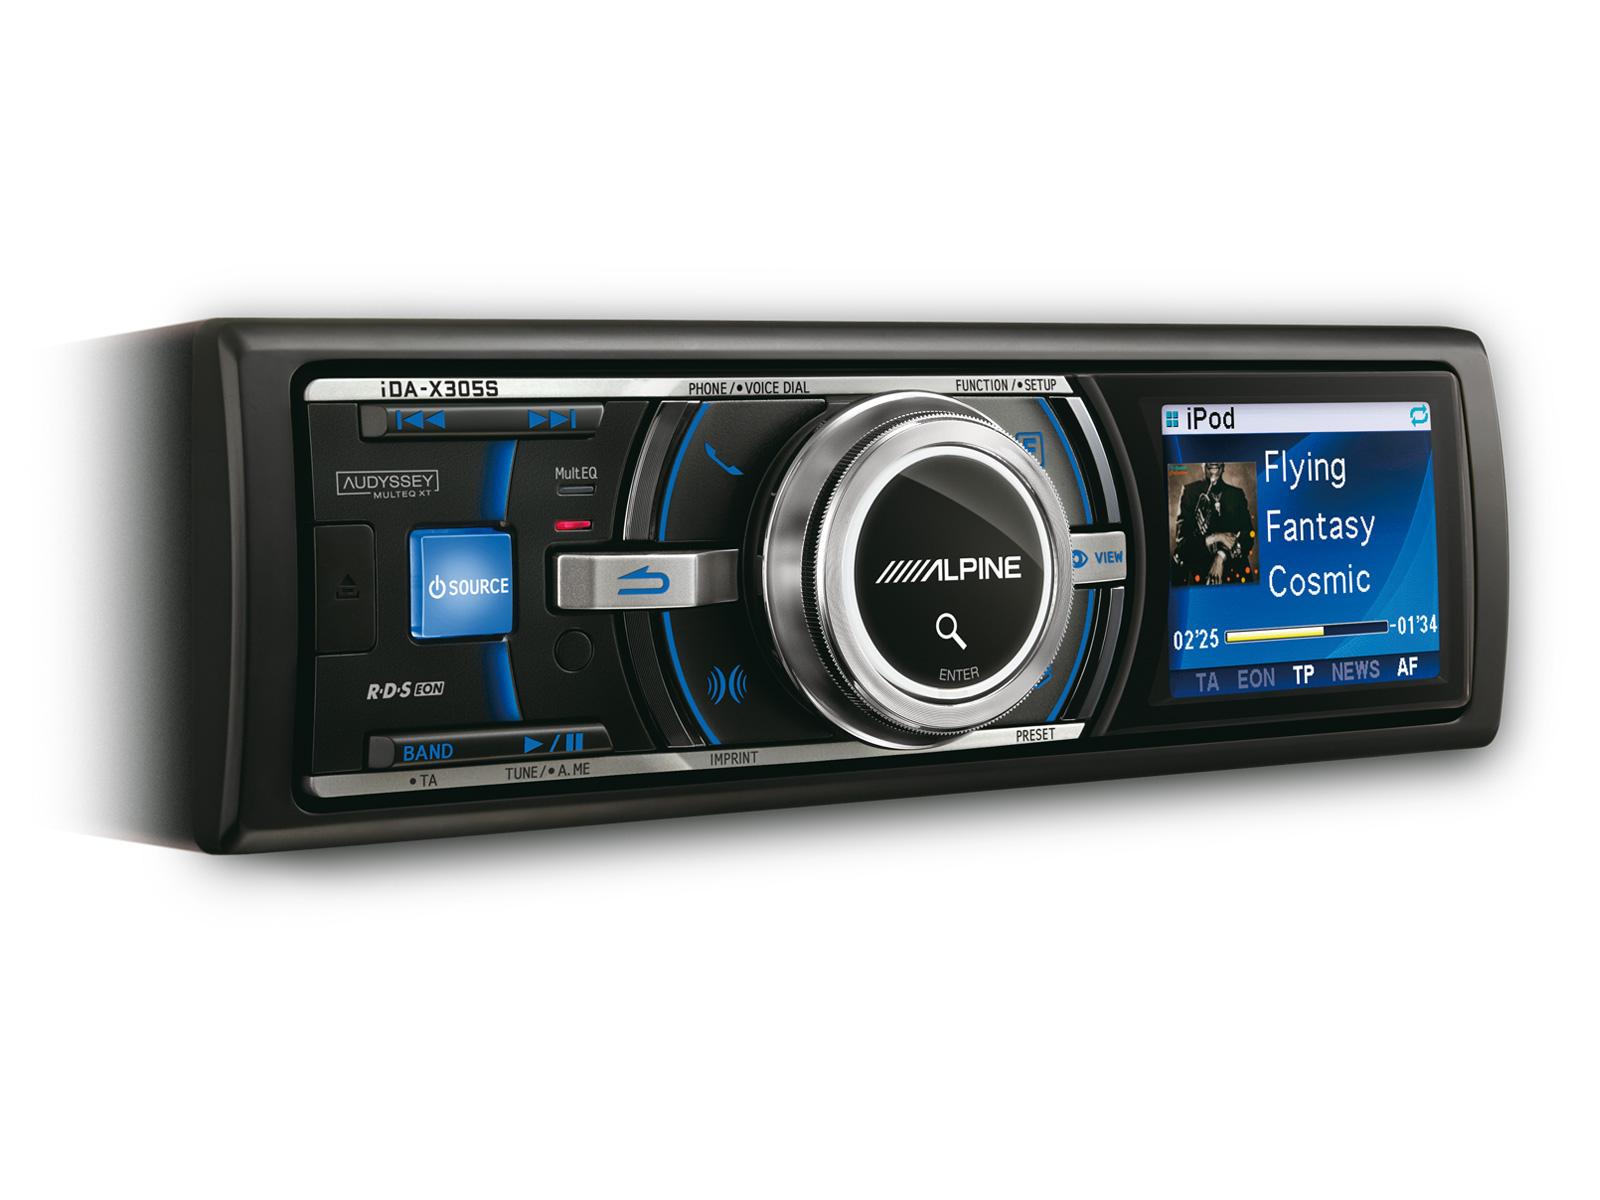 Hifi-geräte 2019 Mode 12 V Radio Bluetooth 1din Stereo Audio Receiver Phone Aux-in Mp3 Fm Usb In-dash Stereo Player Fernbedienung GüNstigster Preis Von Unserer Website